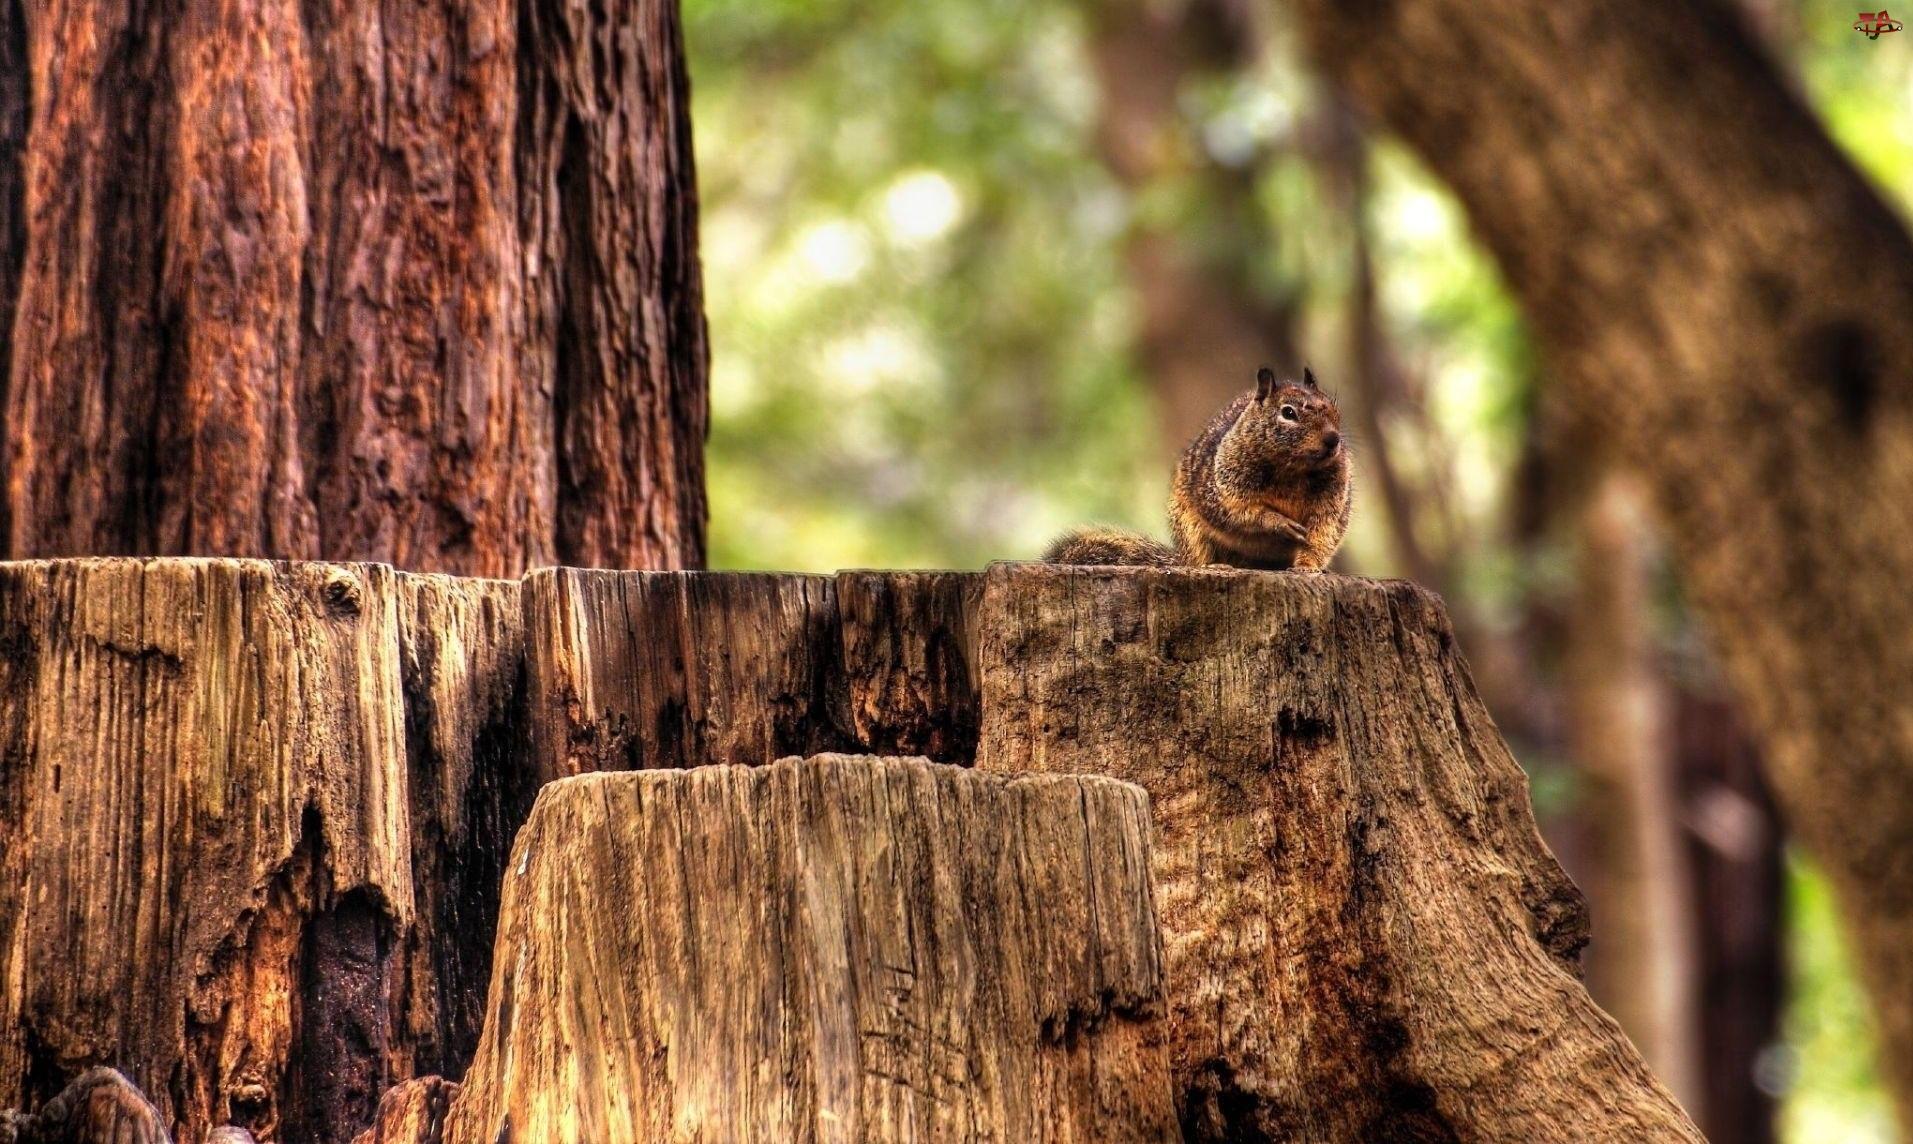 Wiewiórka, Stare, Pnie, Drzewa, Ruda